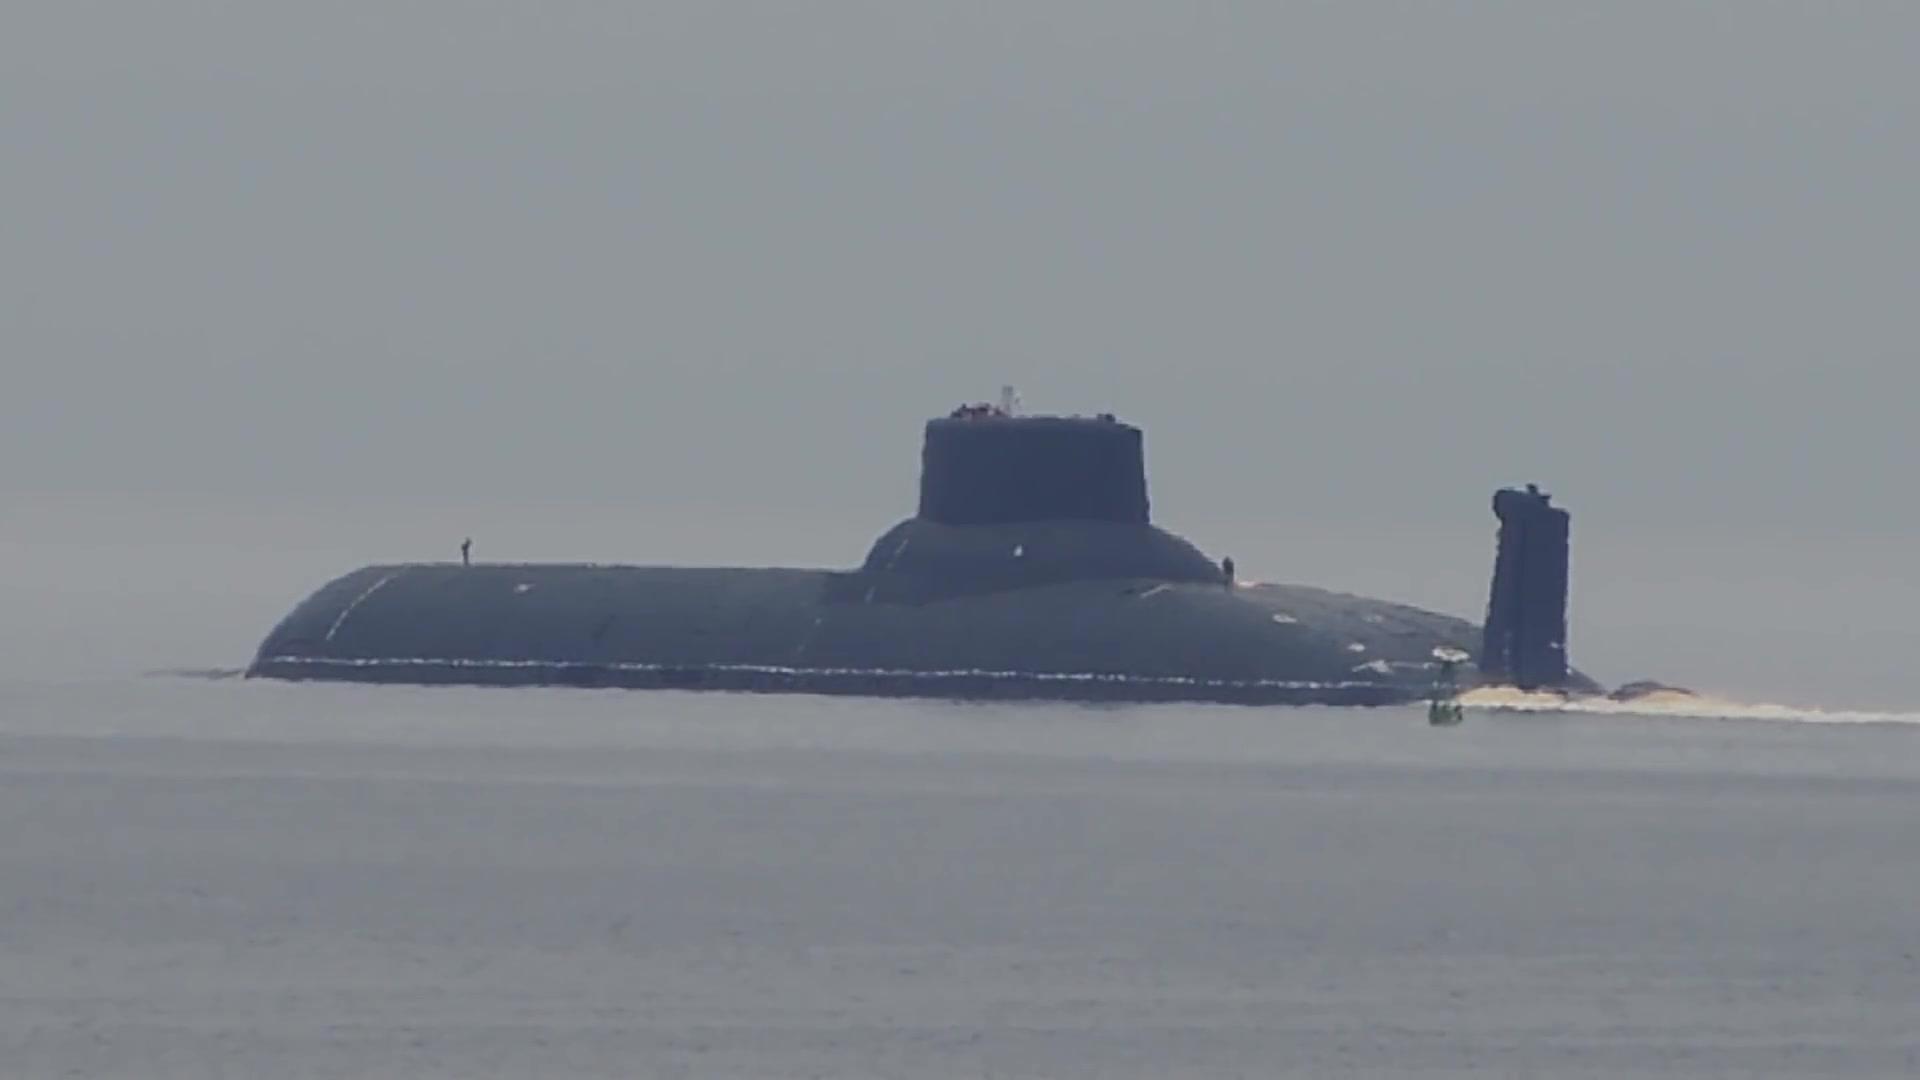 中美俄核潜艇水下噪音对比:美国92分贝,俄90分贝,中国是多少